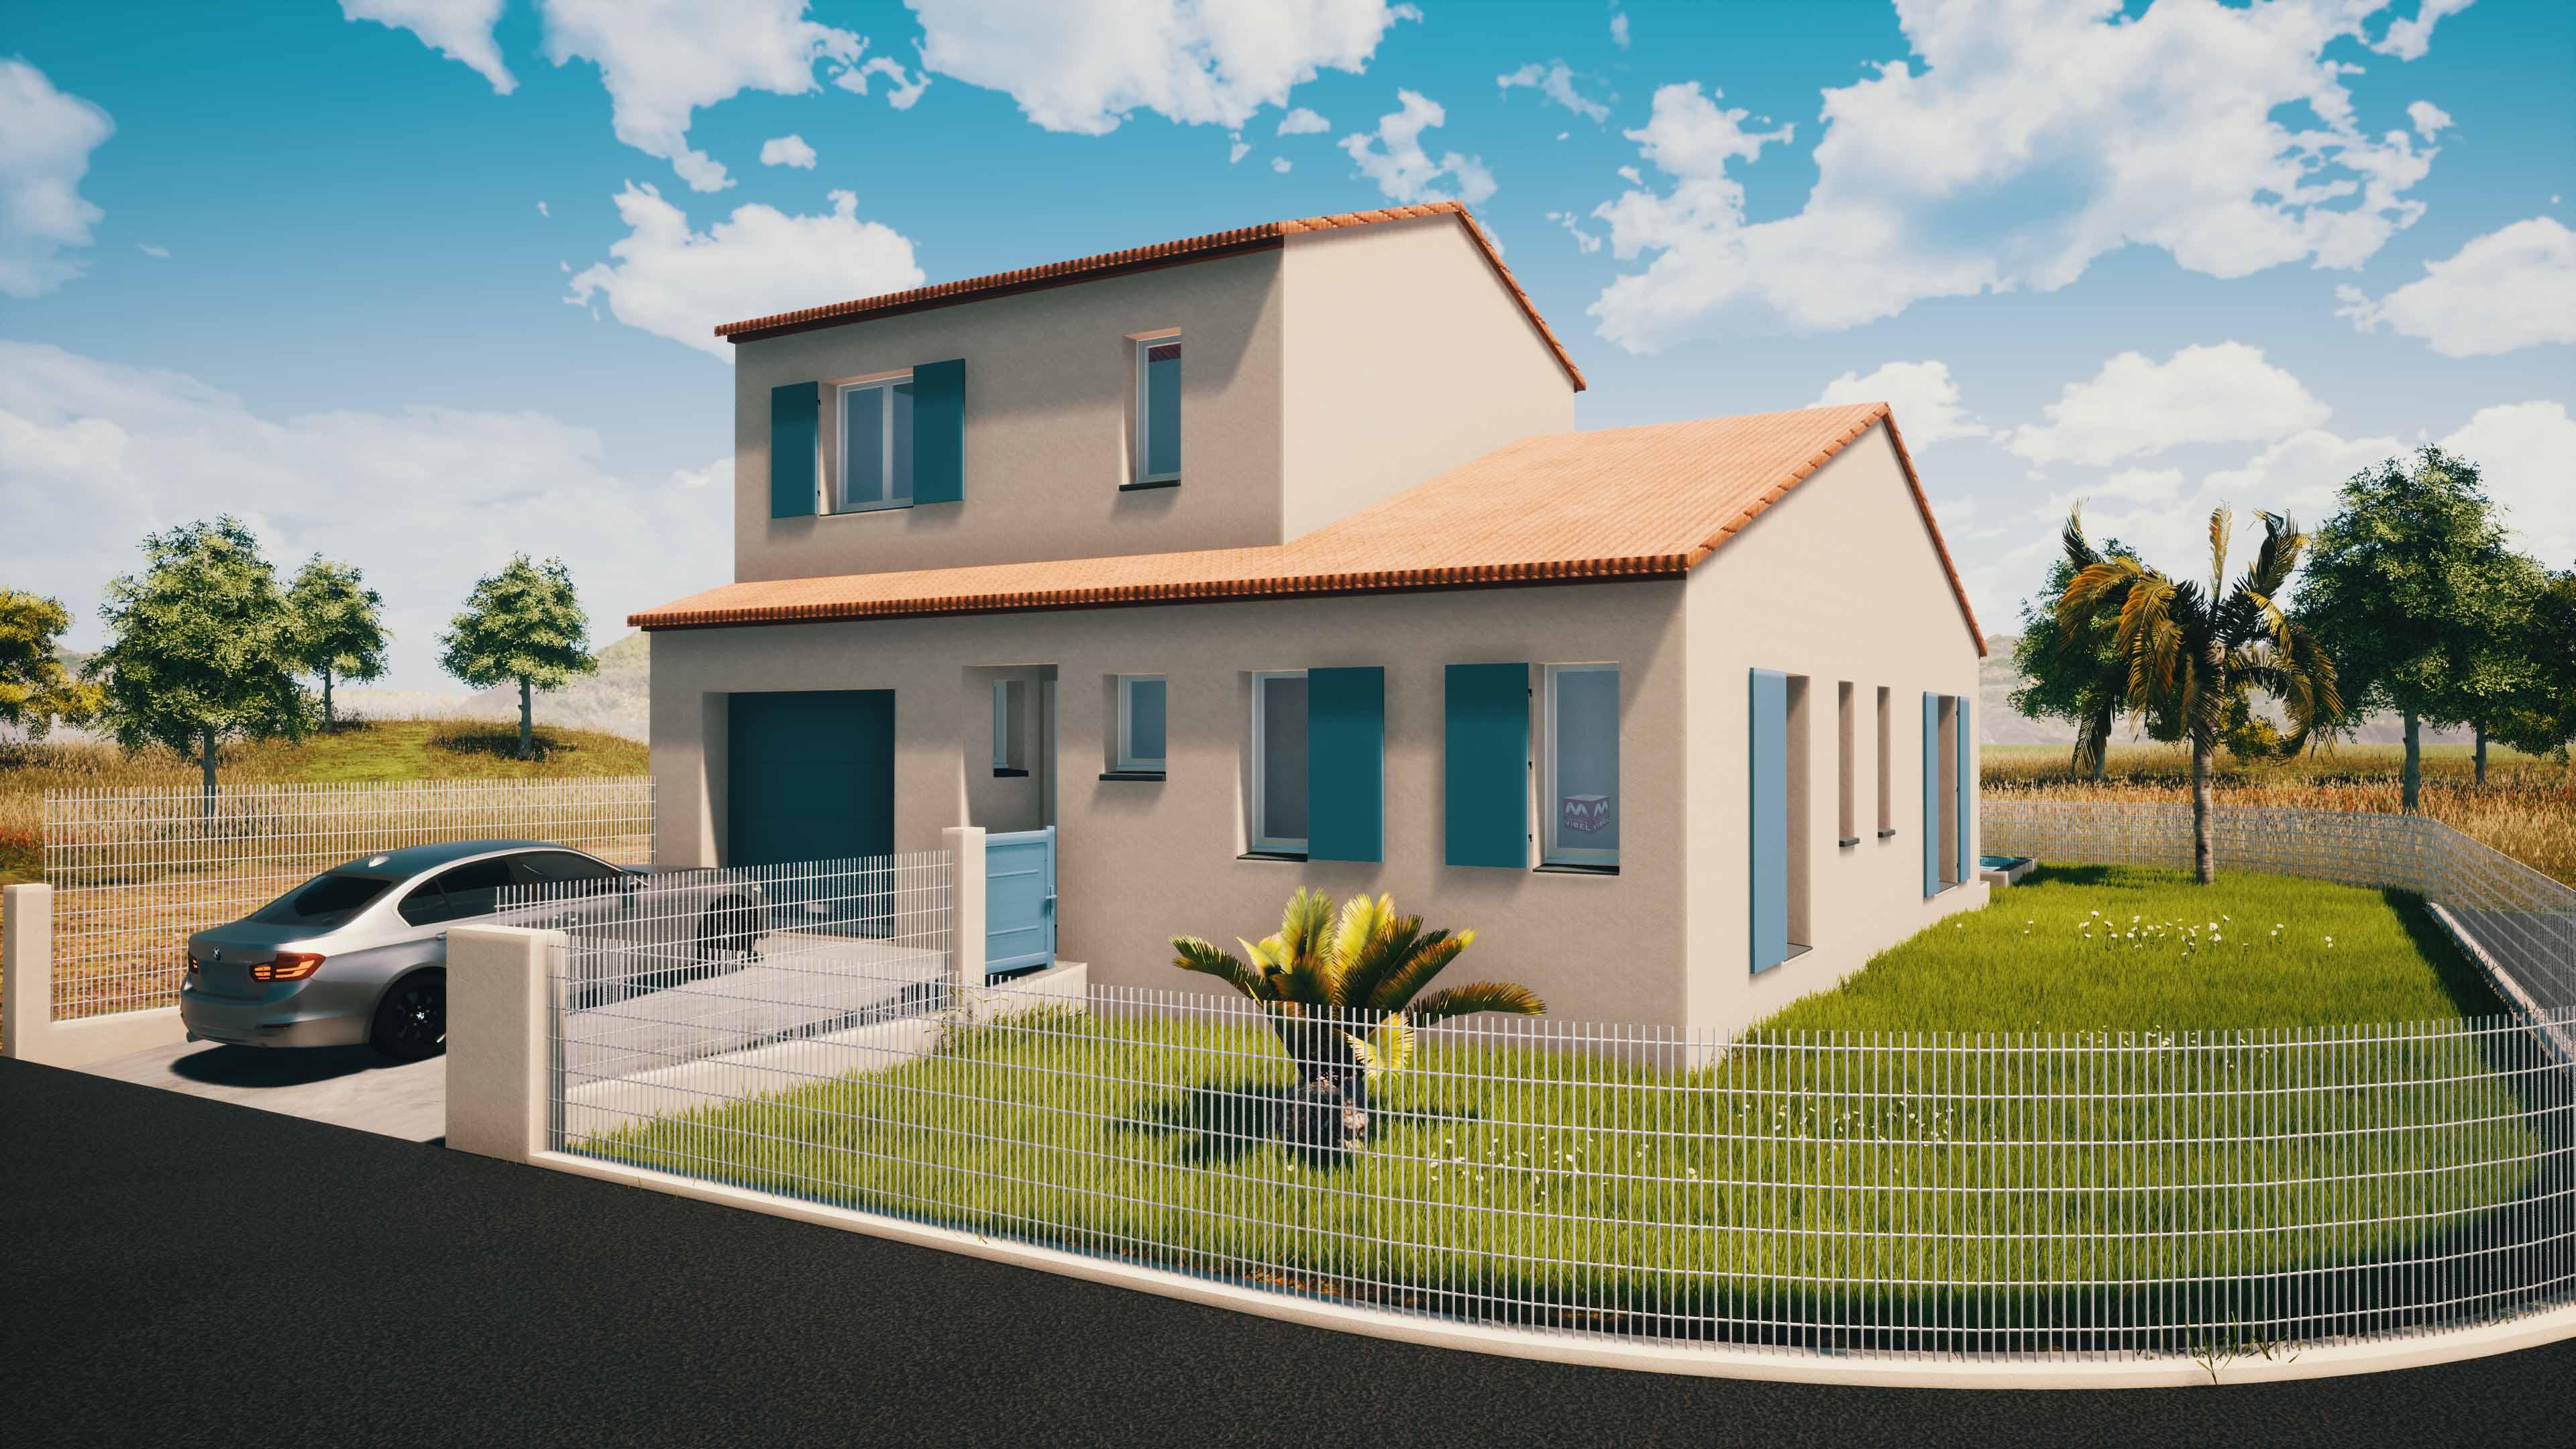 Maisons + Terrains du constructeur MAISONS VIBEL • 95 m² • SAINT JEAN LASSEILLE